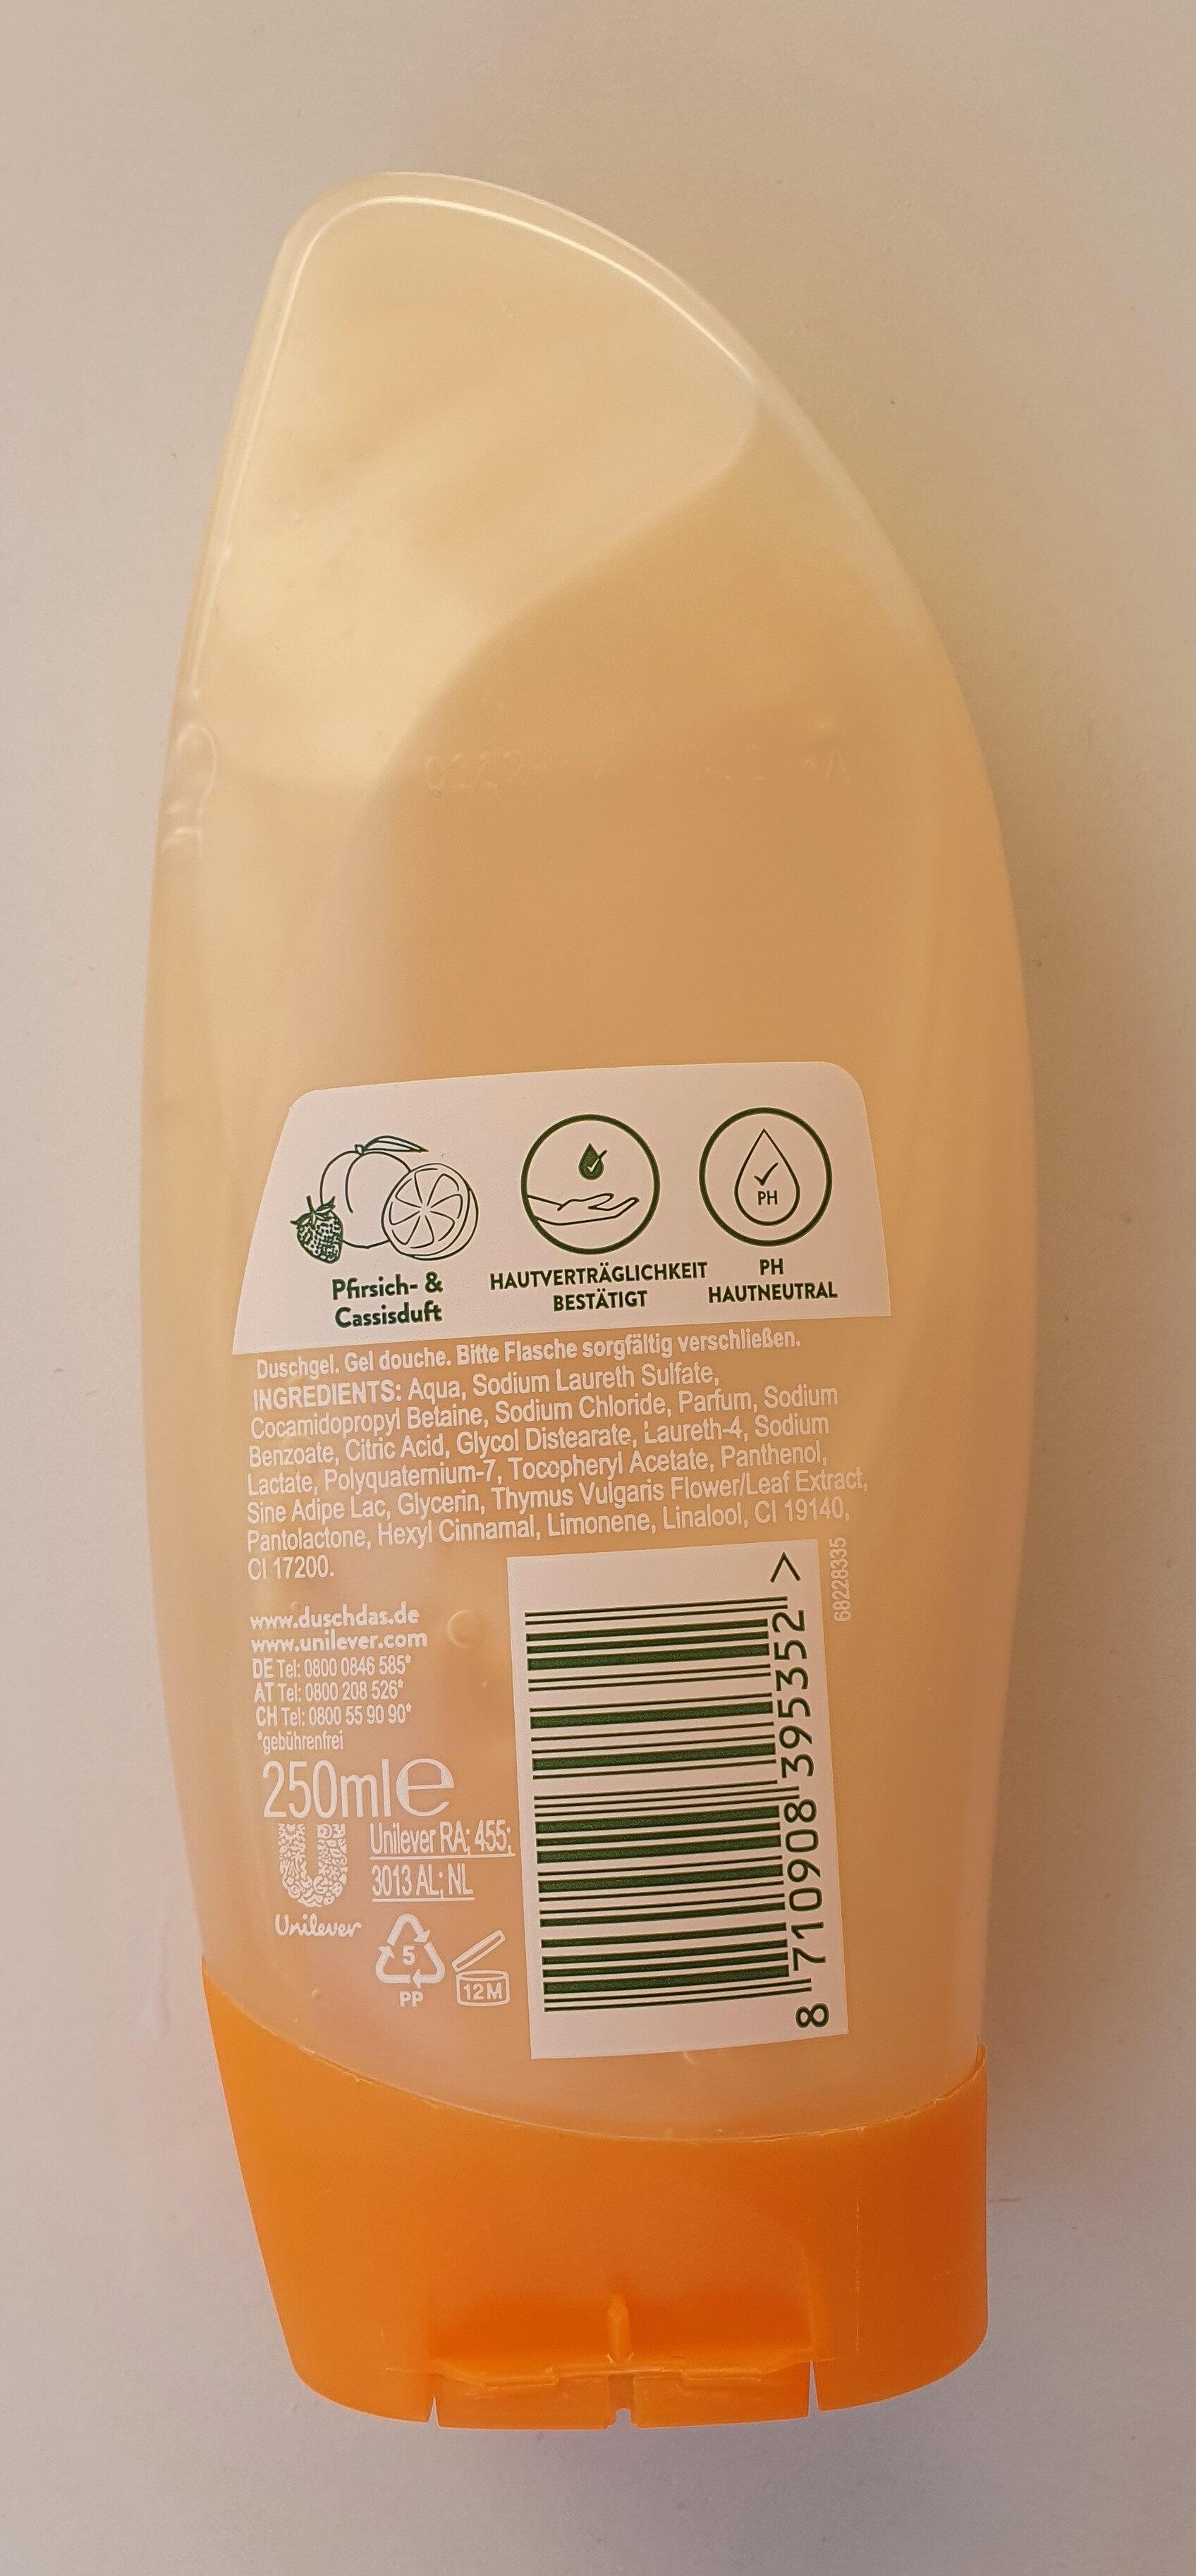 ICH FÜHLE MICH VITALISIERT mit verwöhnend fruchtigem Duft - Product - en